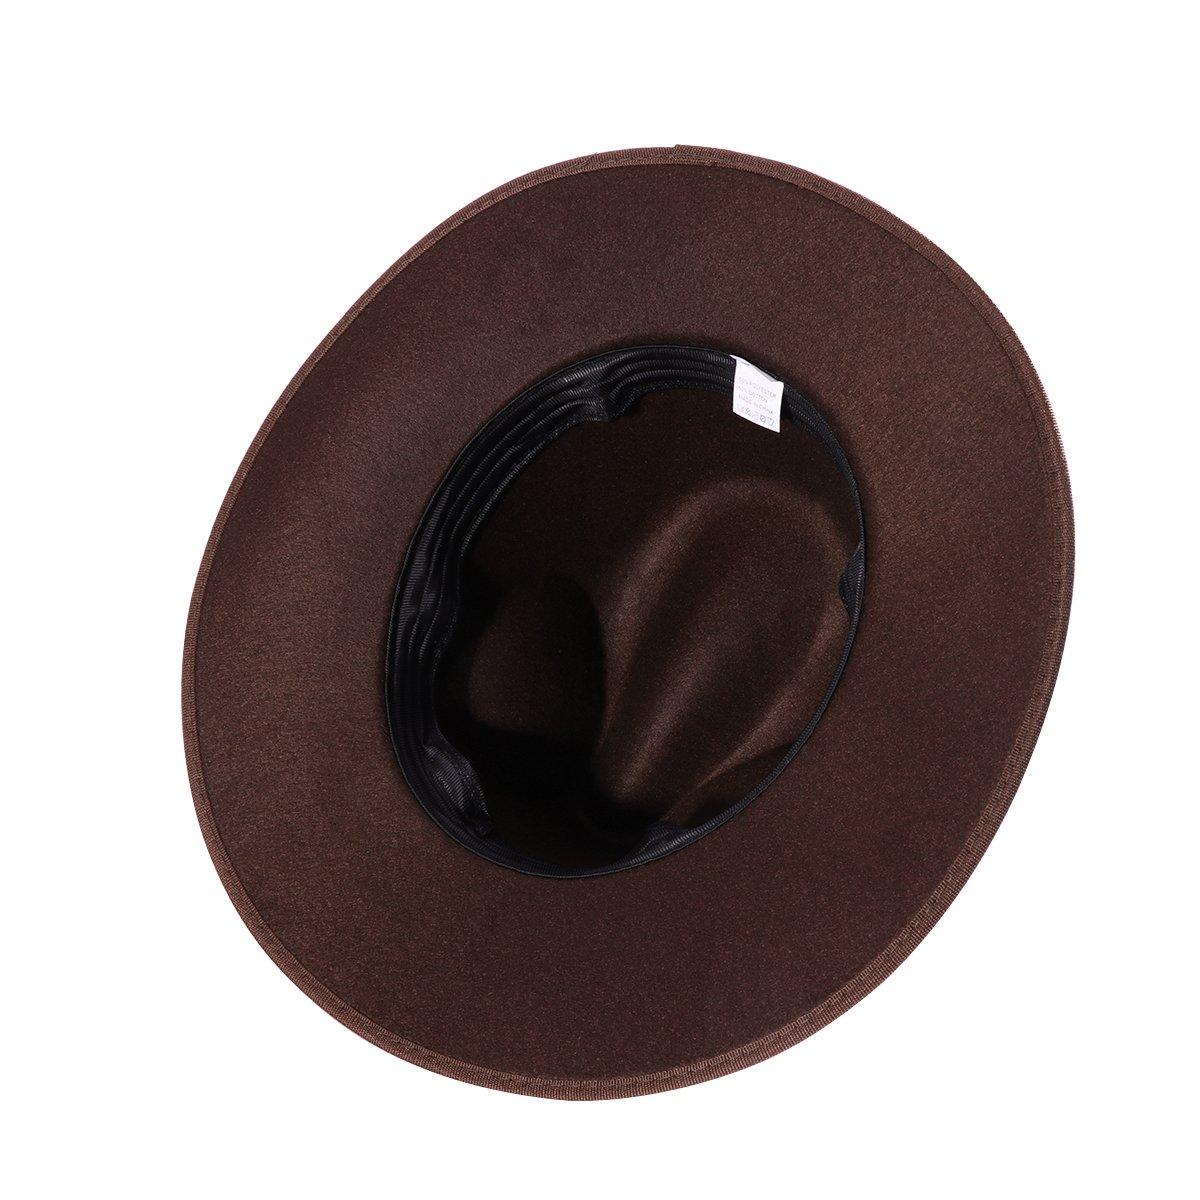 LUOEM Sombrero de Jazz de Ala Ancha Gorro de Playa de Sol Modelo para  Hombre Mujer (Café)  Amazon.es  Ropa y accesorios bc7982a293d